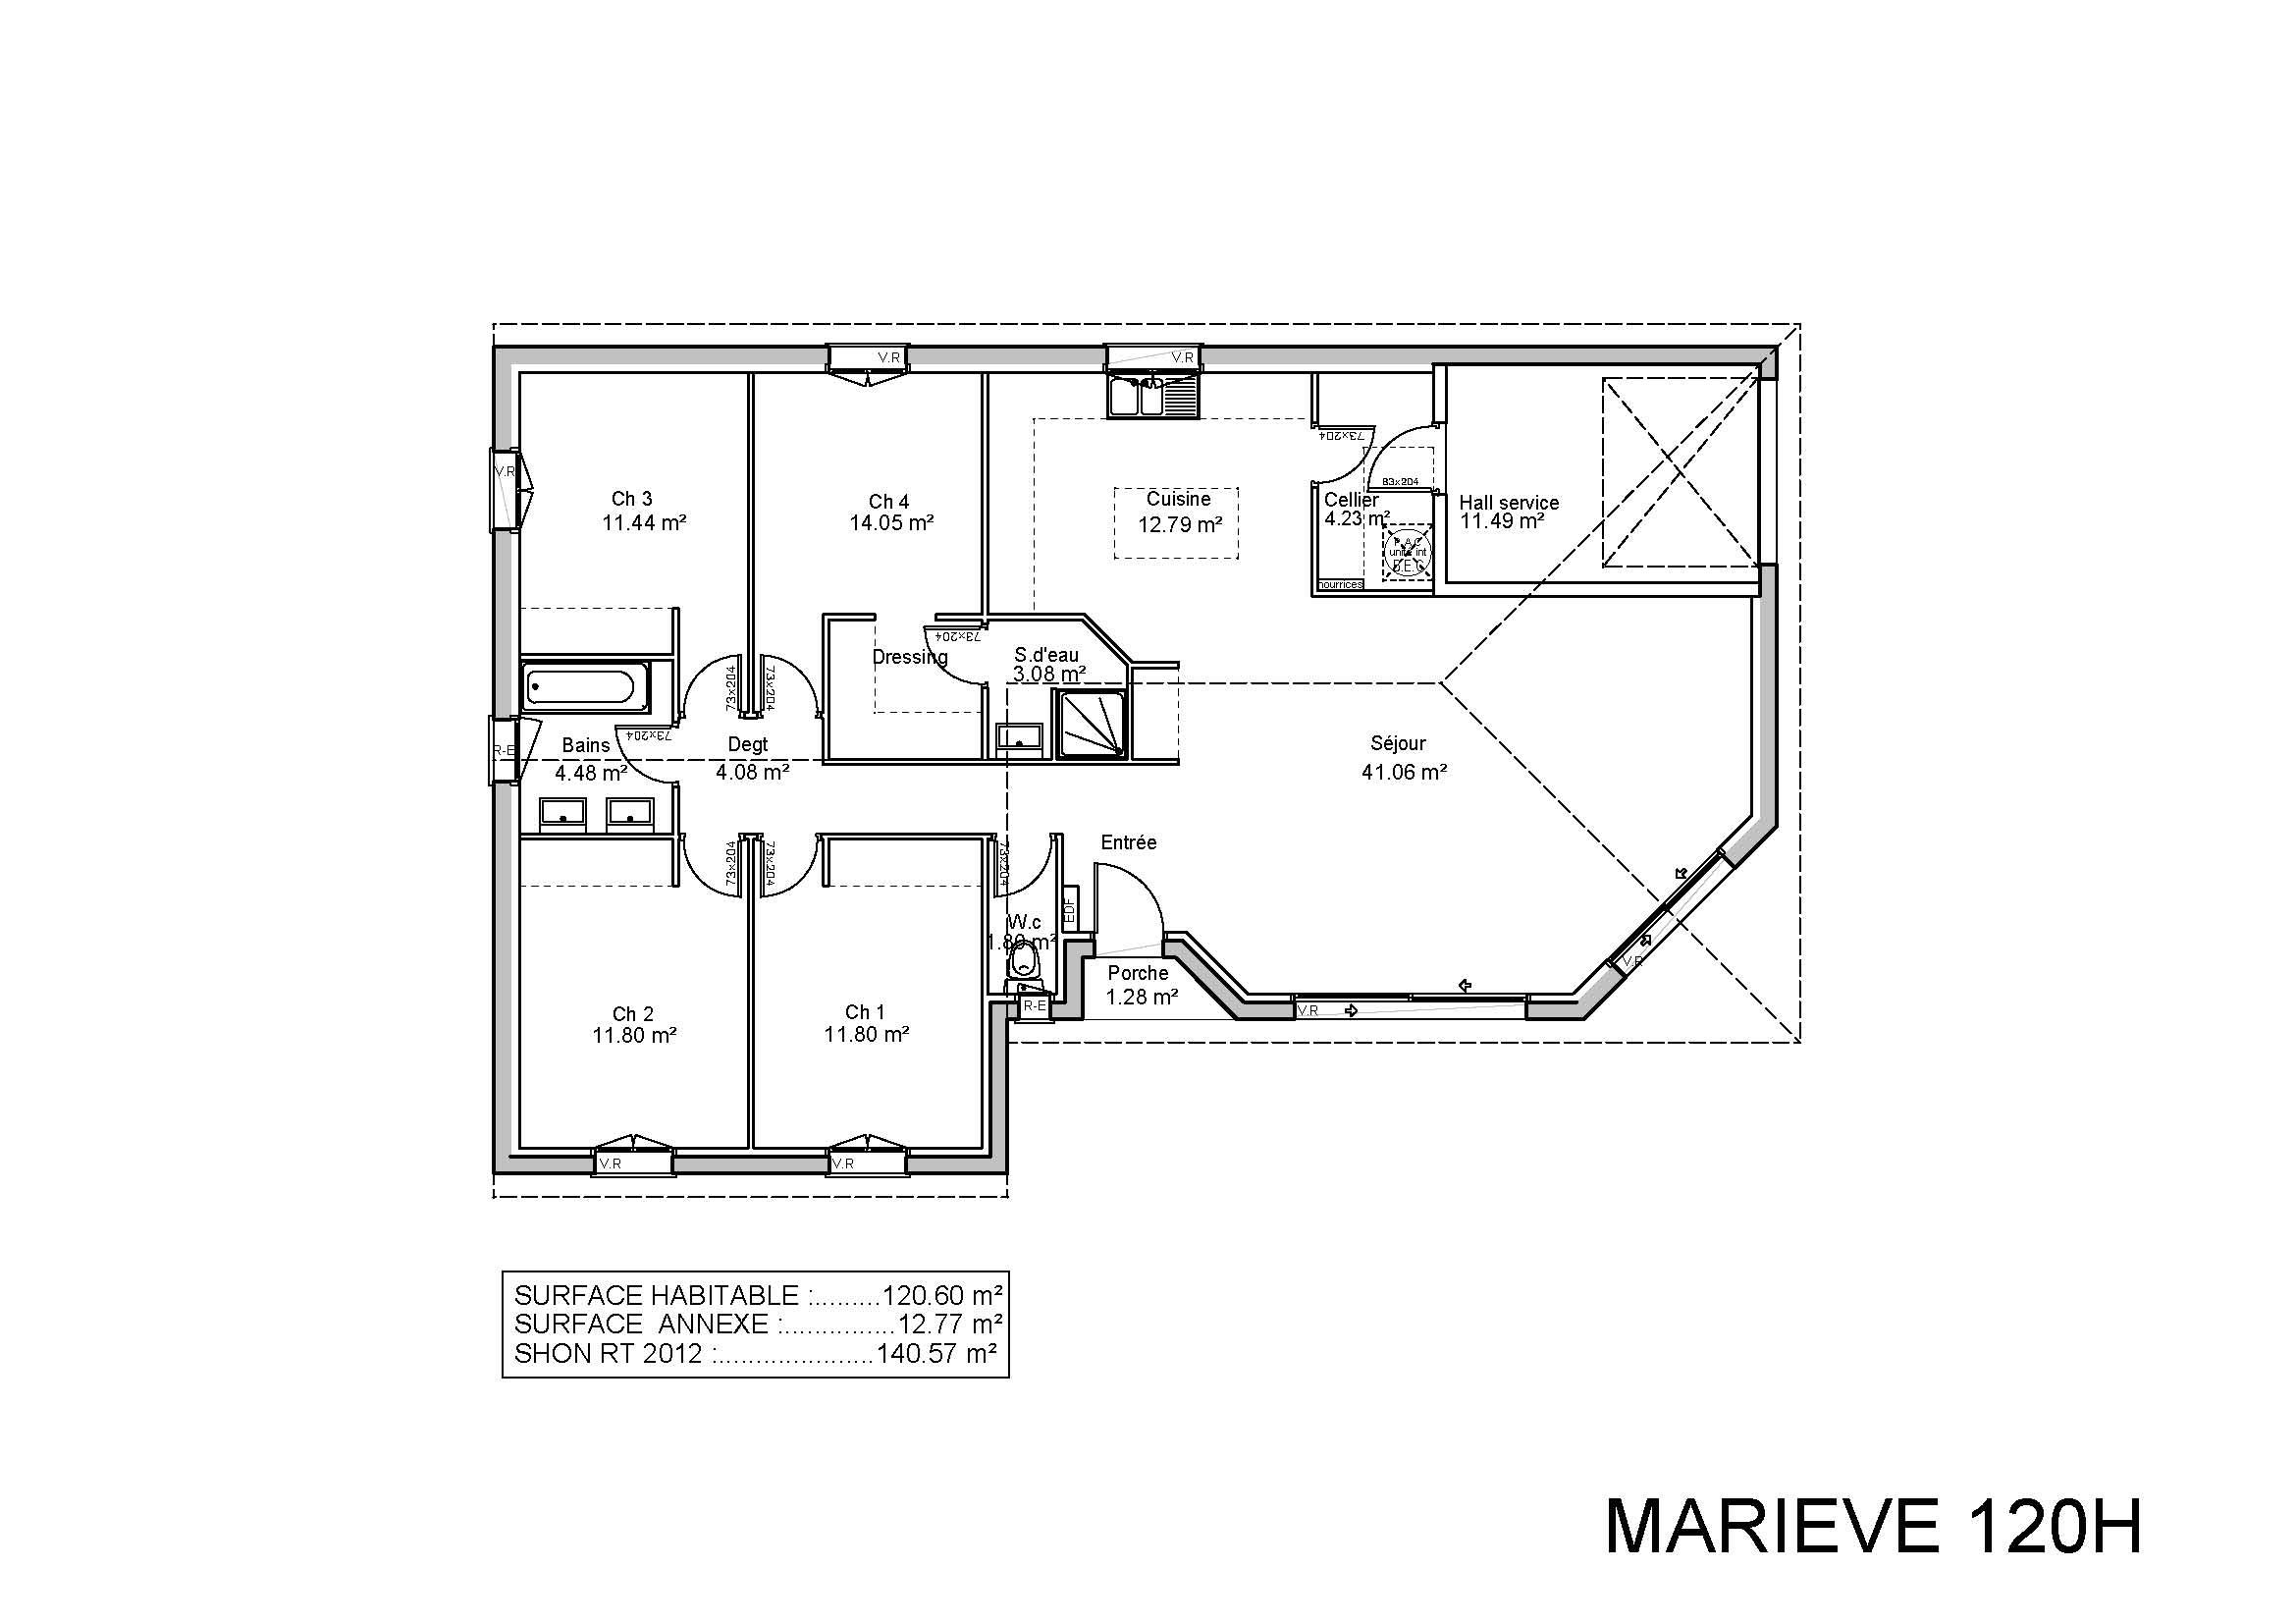 Logiciel Creation Plan Maison Top Logiciel Creation Plan Maison